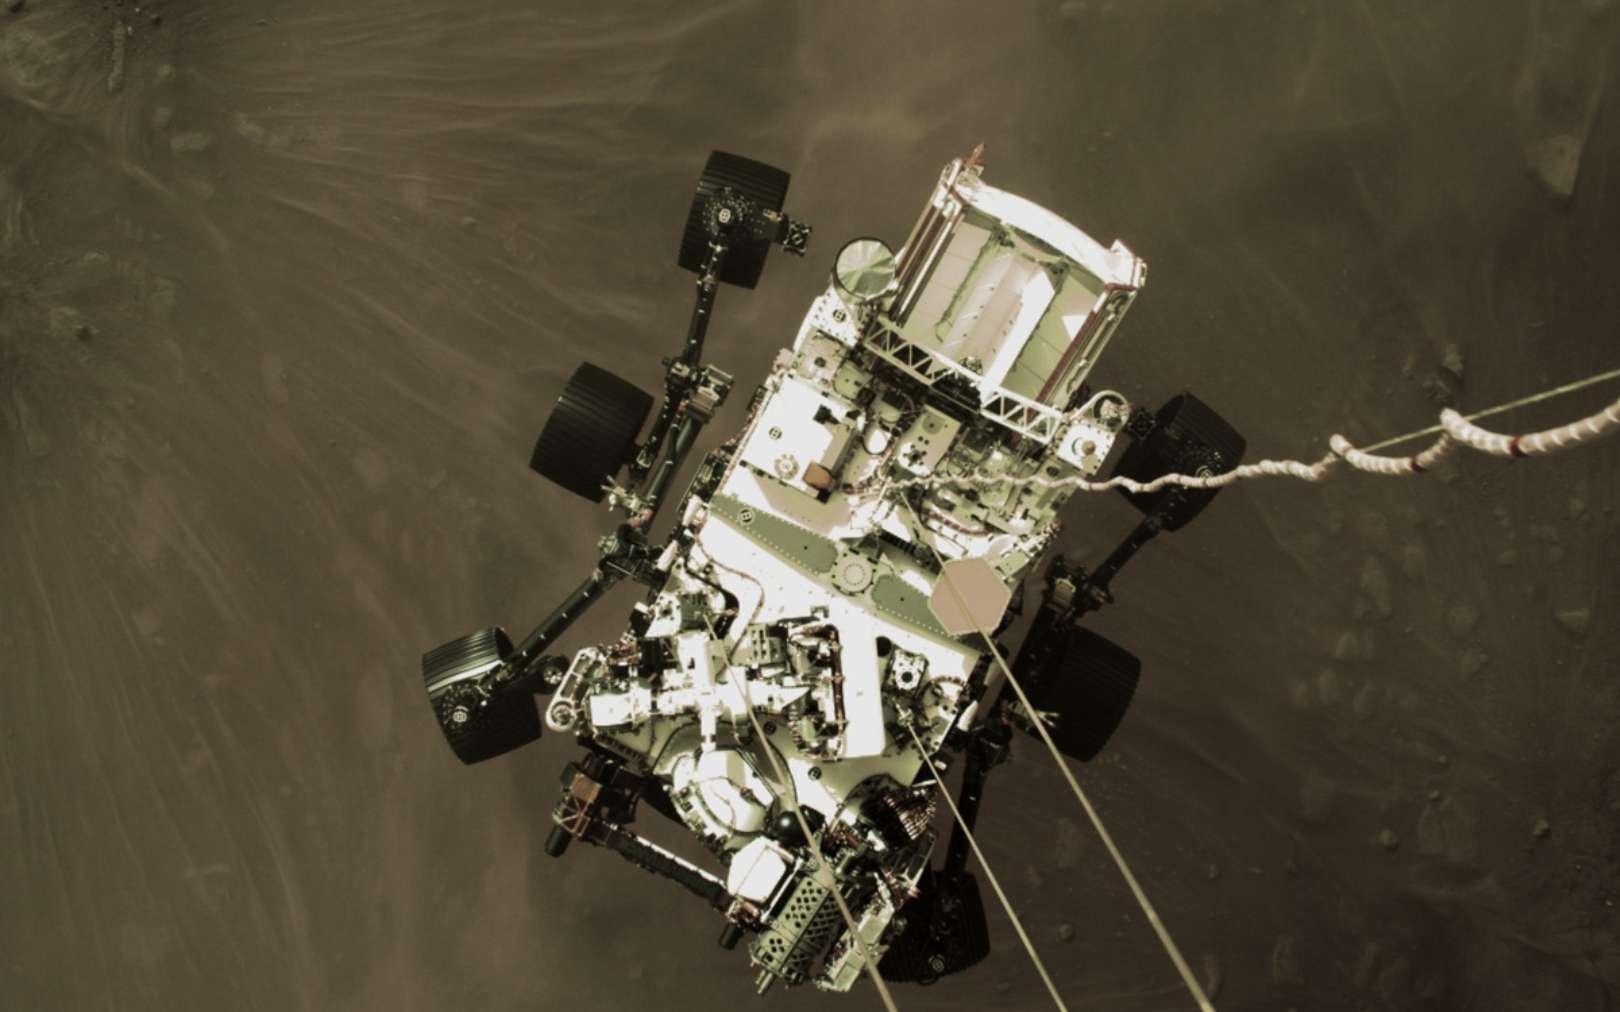 Le rover américain Perseverance, qui s'est posé sur Mars le 18 février 2021, pourrait croiser la route du rover chinois Tianwen-1 qui doit le rejoindre sur l'astre rouge fin avril-début mai. (Source : Futura Sciences)